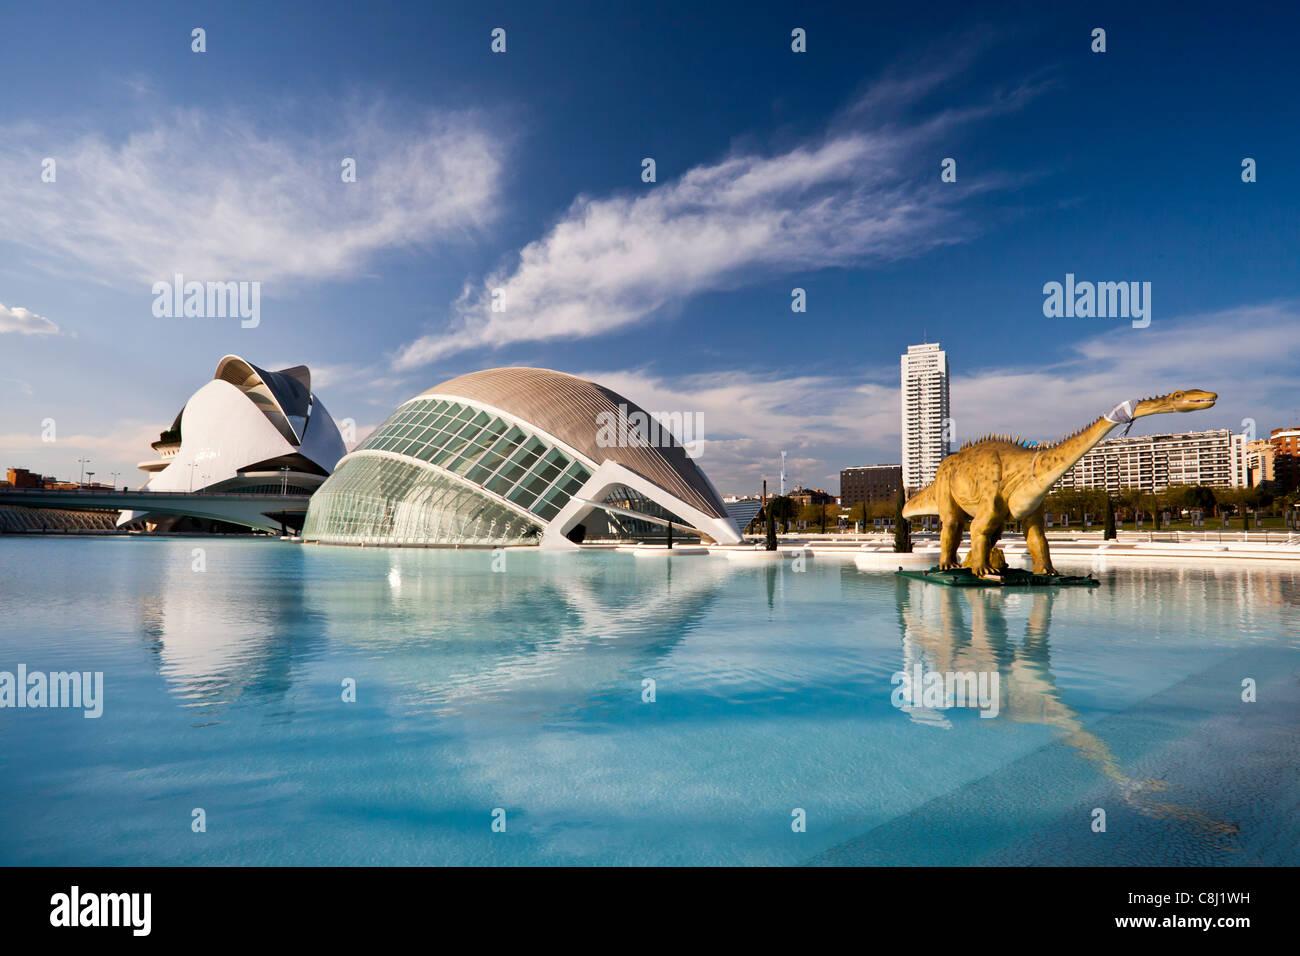 España, Europa, Valencia, Ciudad de las Artes y las Ciencias, Calatrava, la arquitectura moderna, el dinosaurio, Imagen De Stock